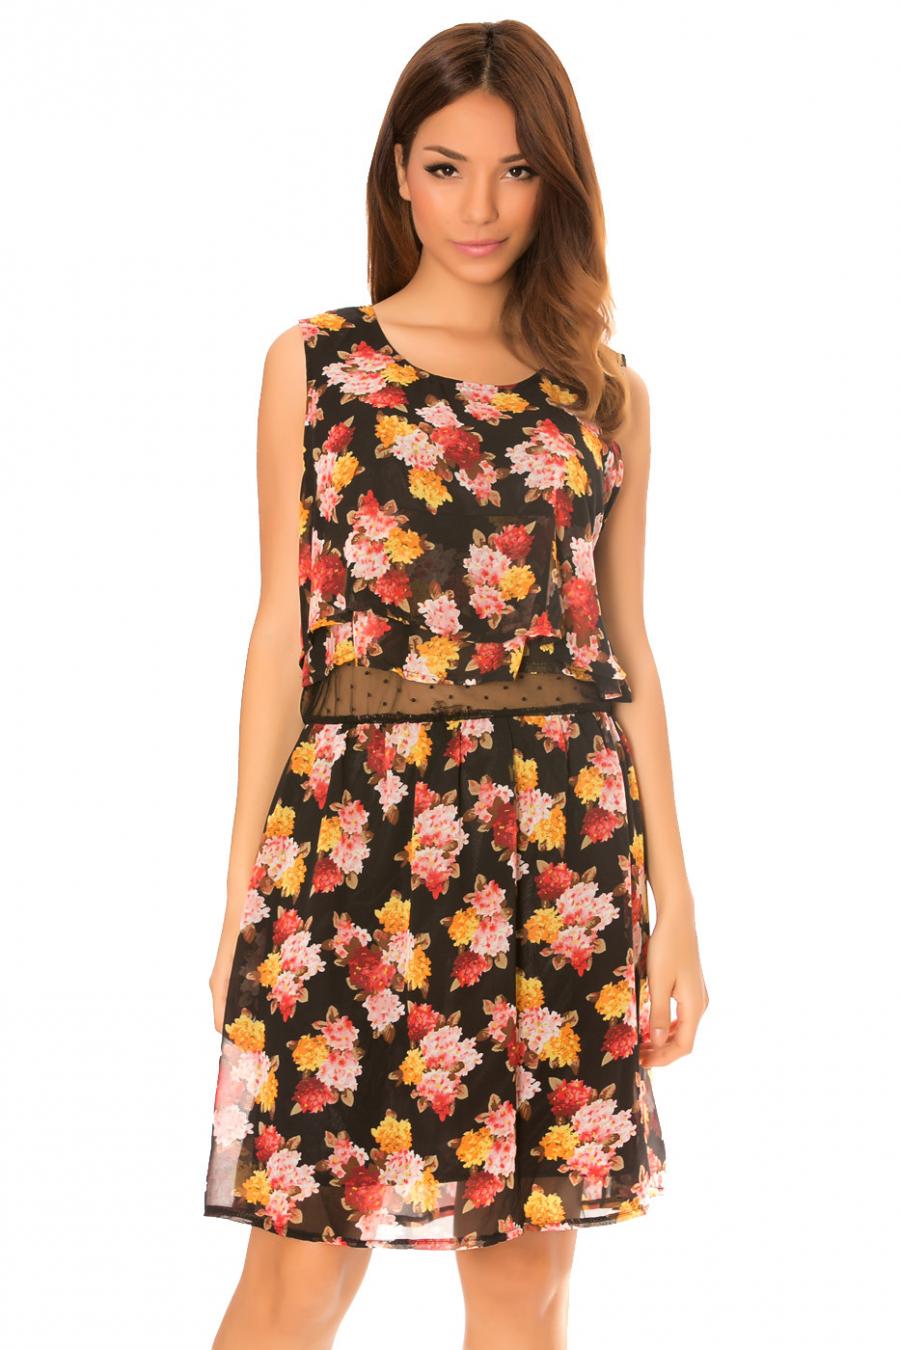 Mouwloze zwarte jurk met bloemenpatronen, met voering van tule. MC938